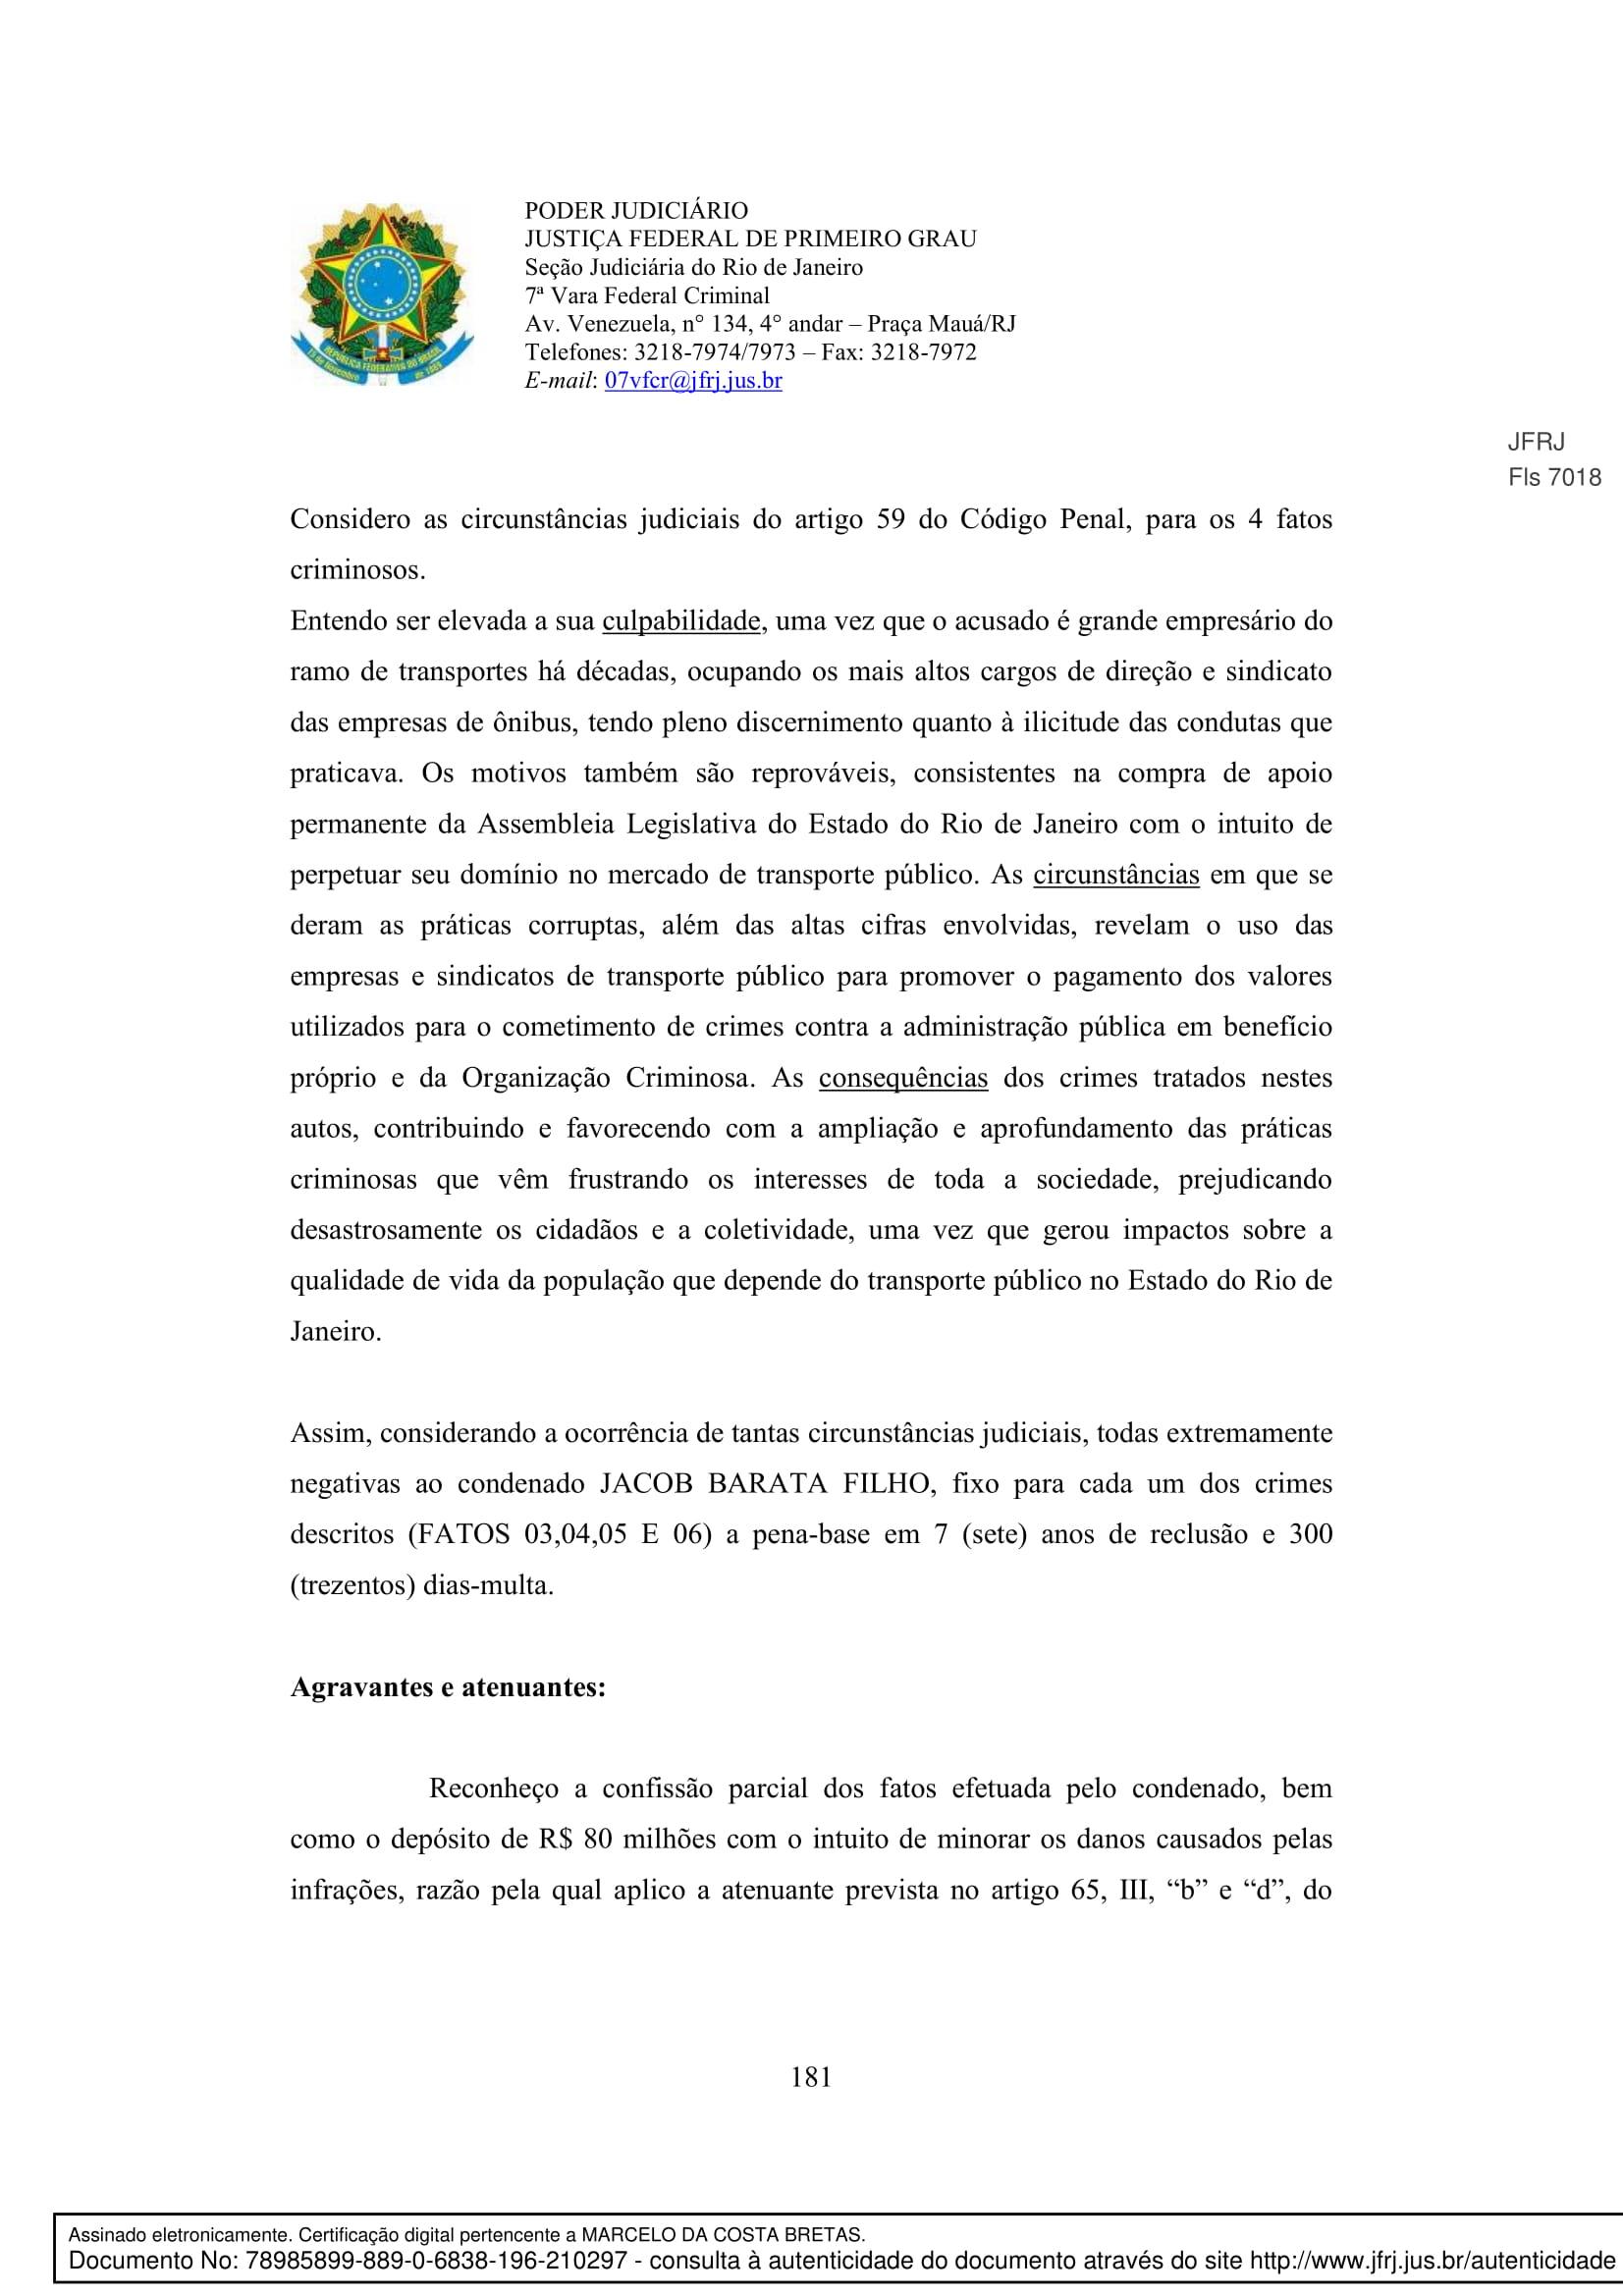 Sentenca-Cadeia-Velha-7VFC-181